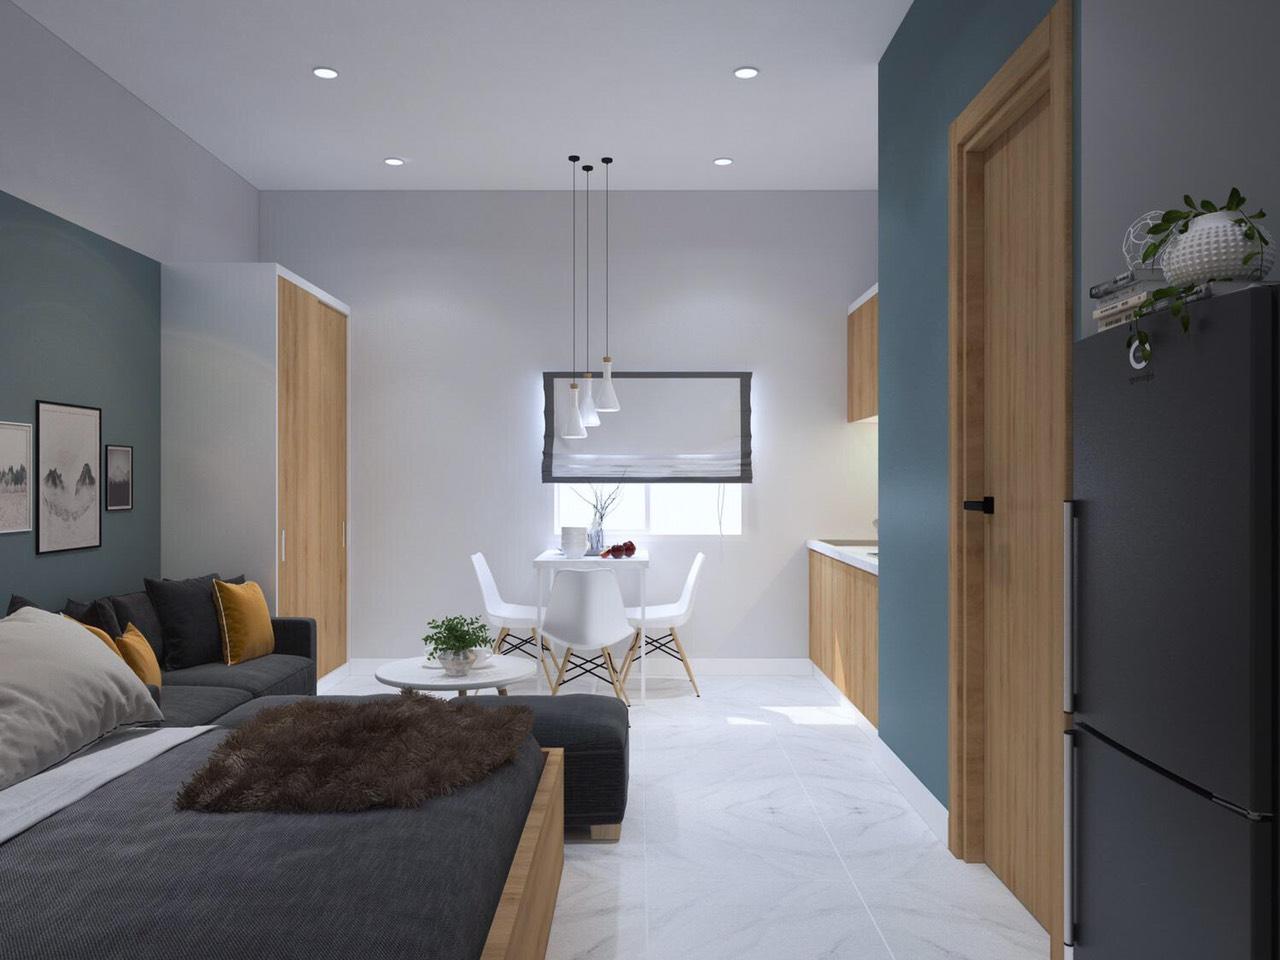 Phong cách thiết kế nội thất theo xu hướng phương Tây của Stella Bình Tân